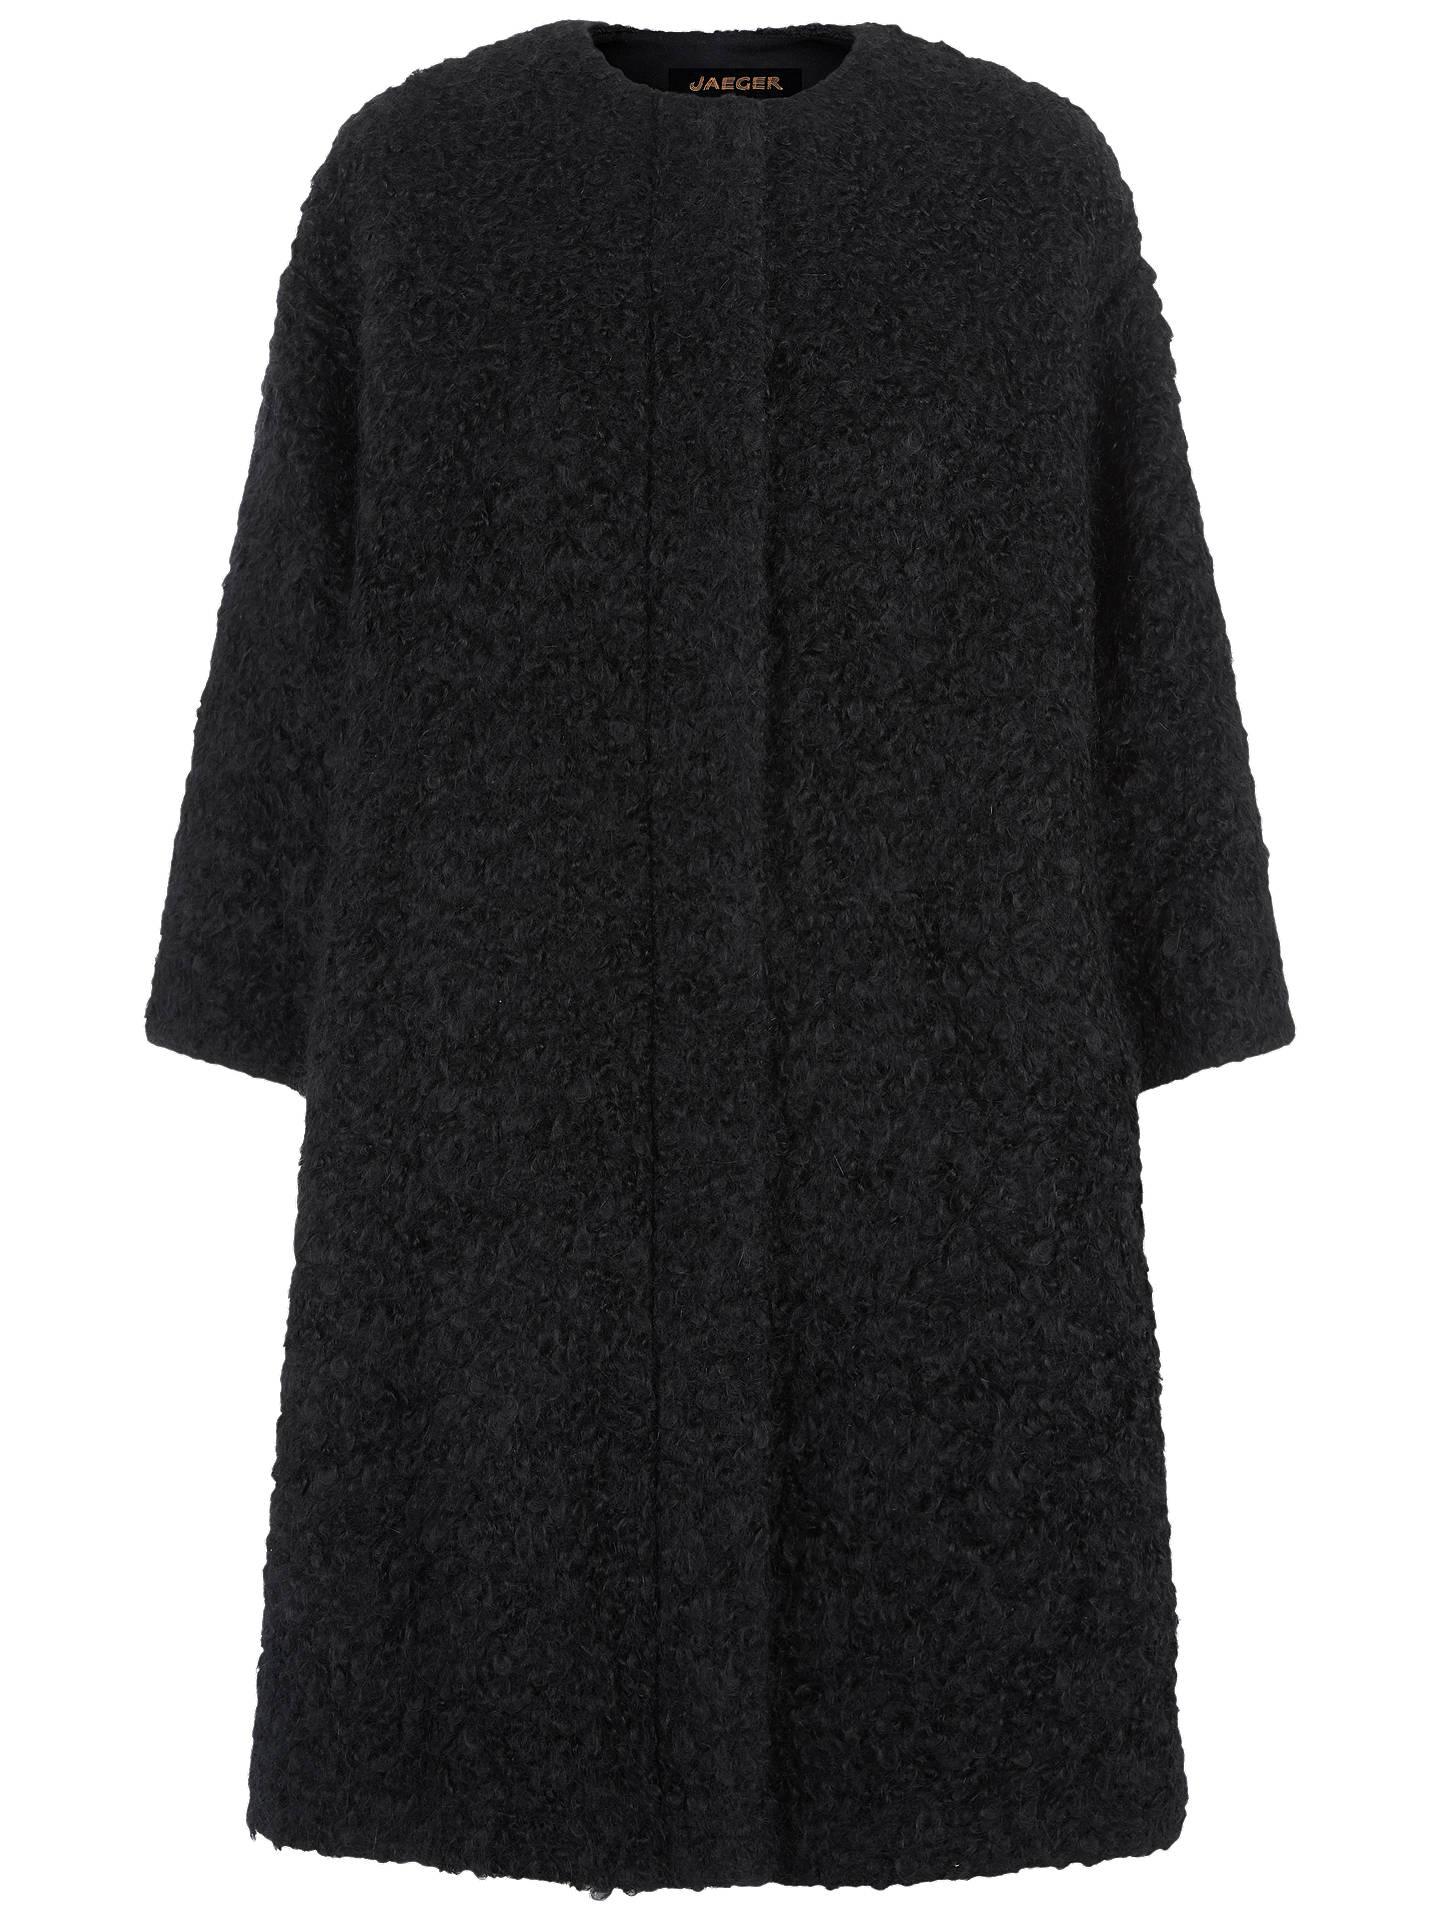 282f47778258 Jaeger Wool Mohair Cocoon Coat